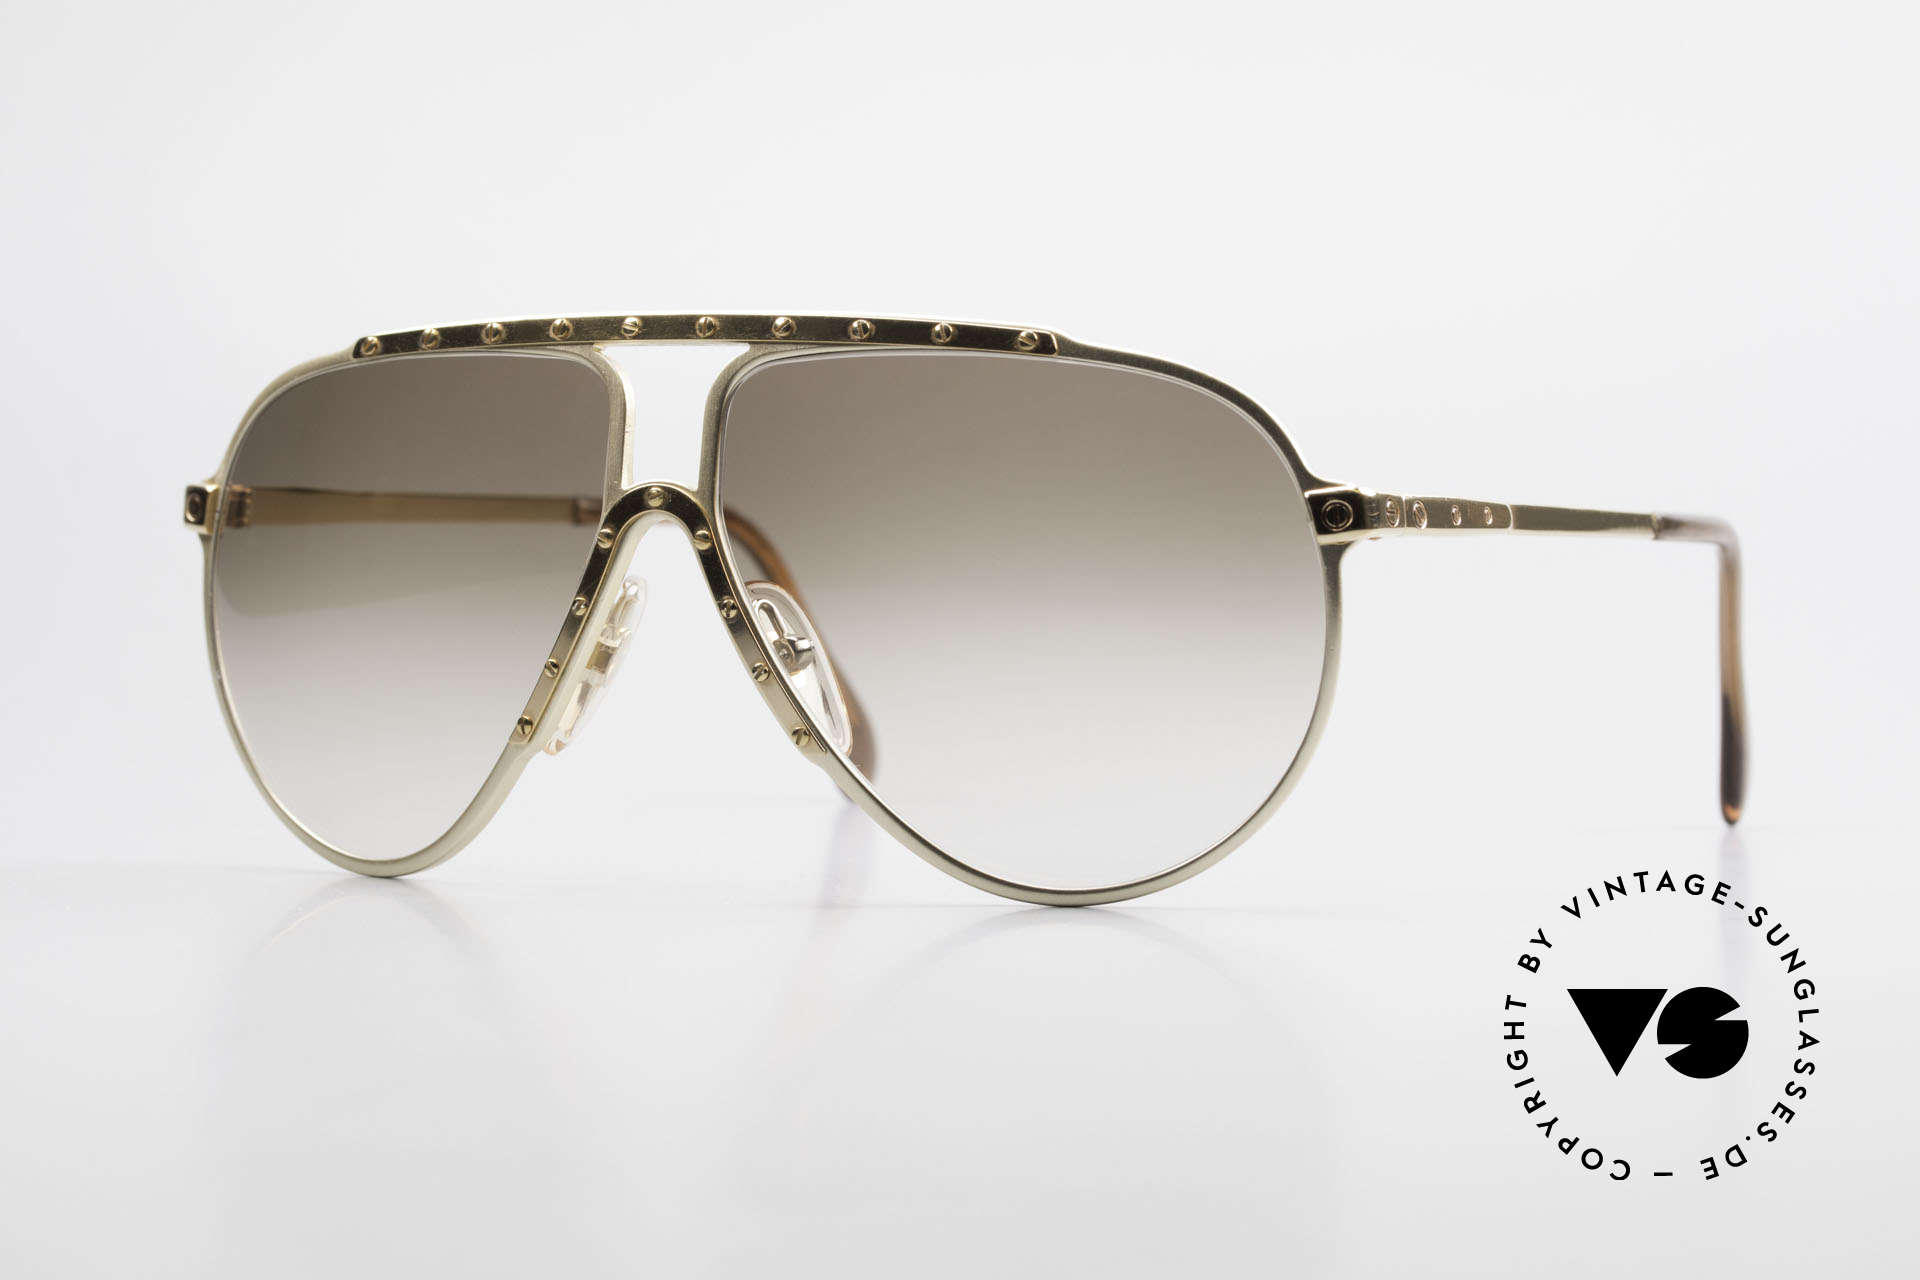 Alpina M1 Limited Edition 80er Jahre, 80er Alpina M1 Sonnenbrille in der 60/12 Größe, Passend für Herren und Damen